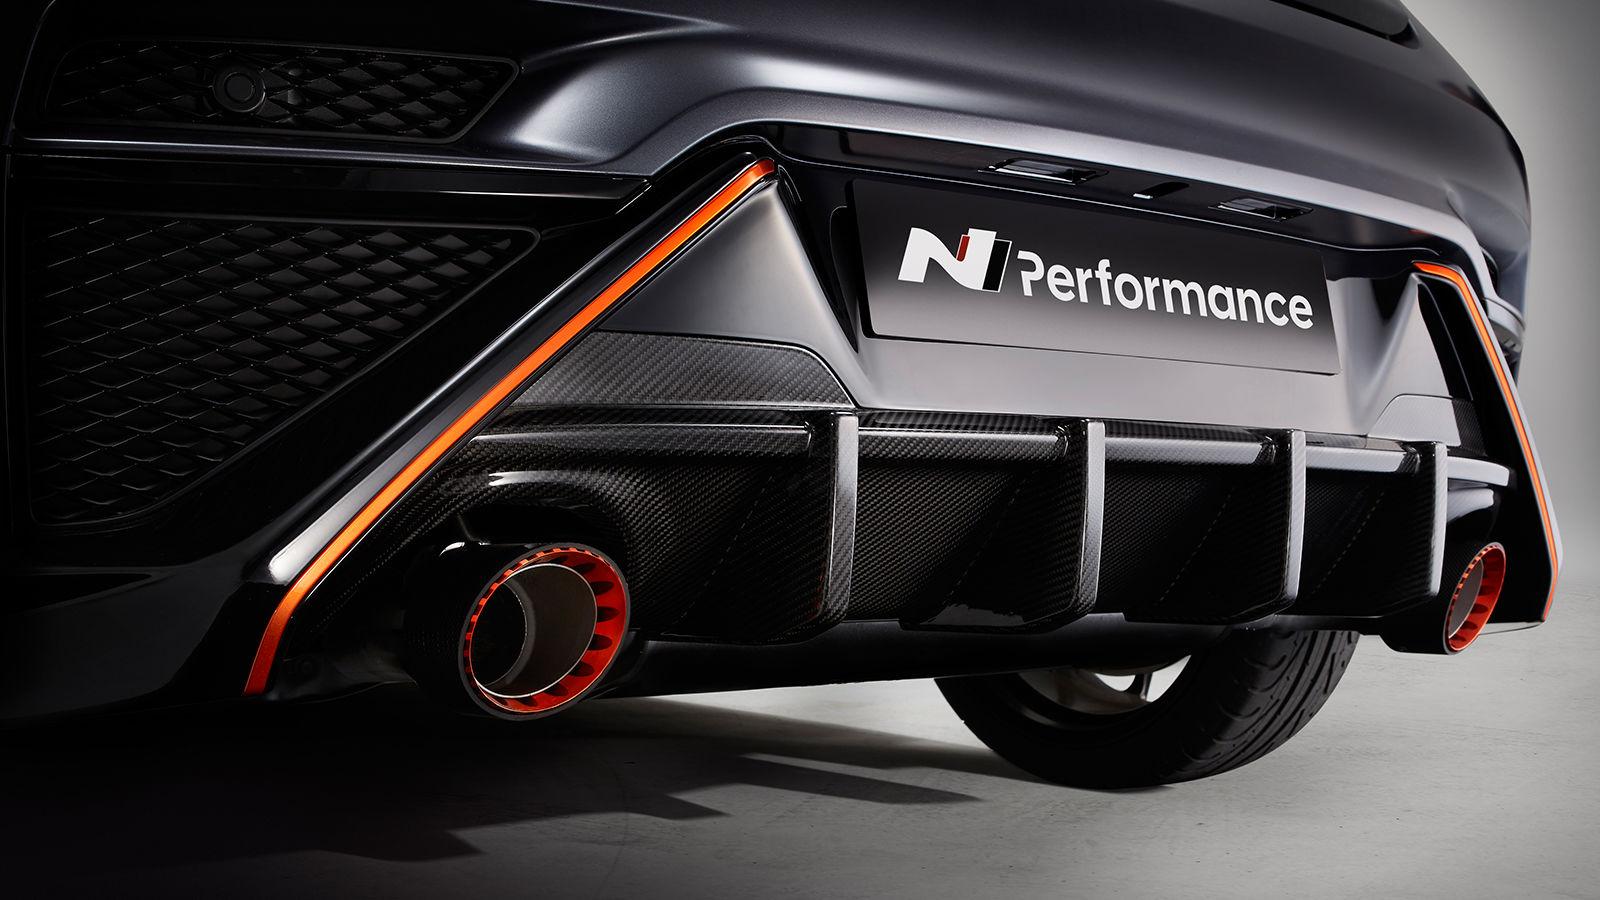 Veloster N Performance Car | hyundai N